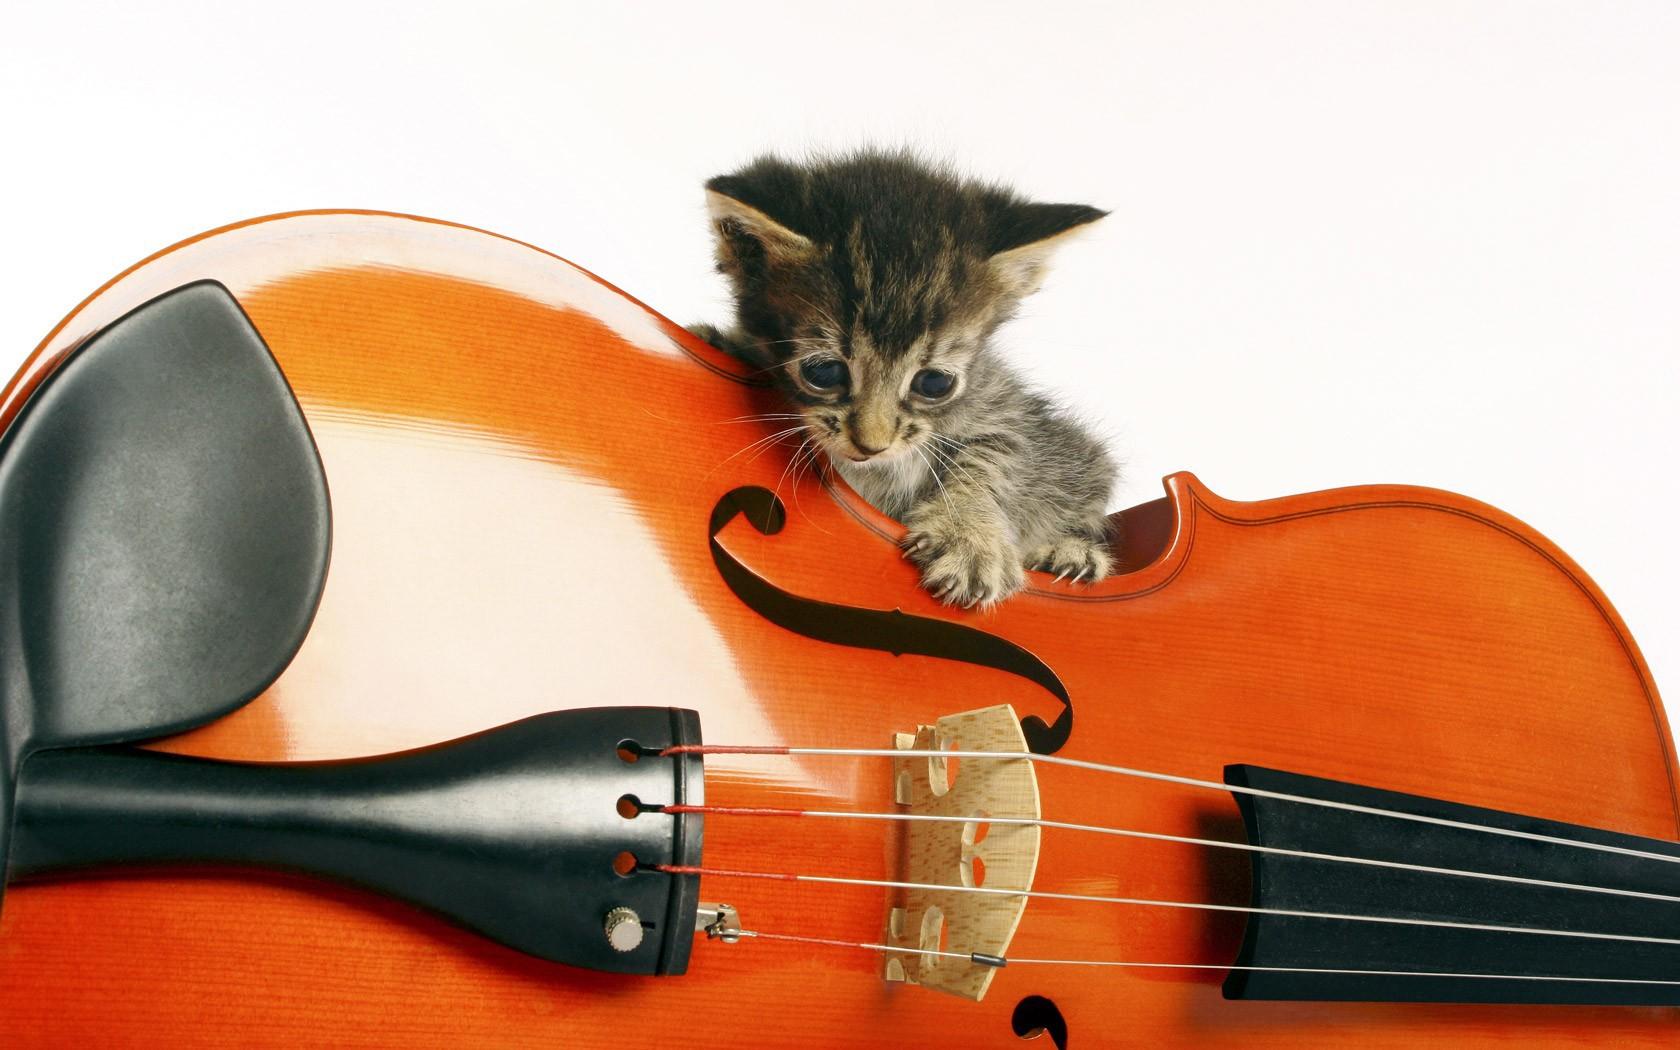 Gatito y violín - 1680x1050